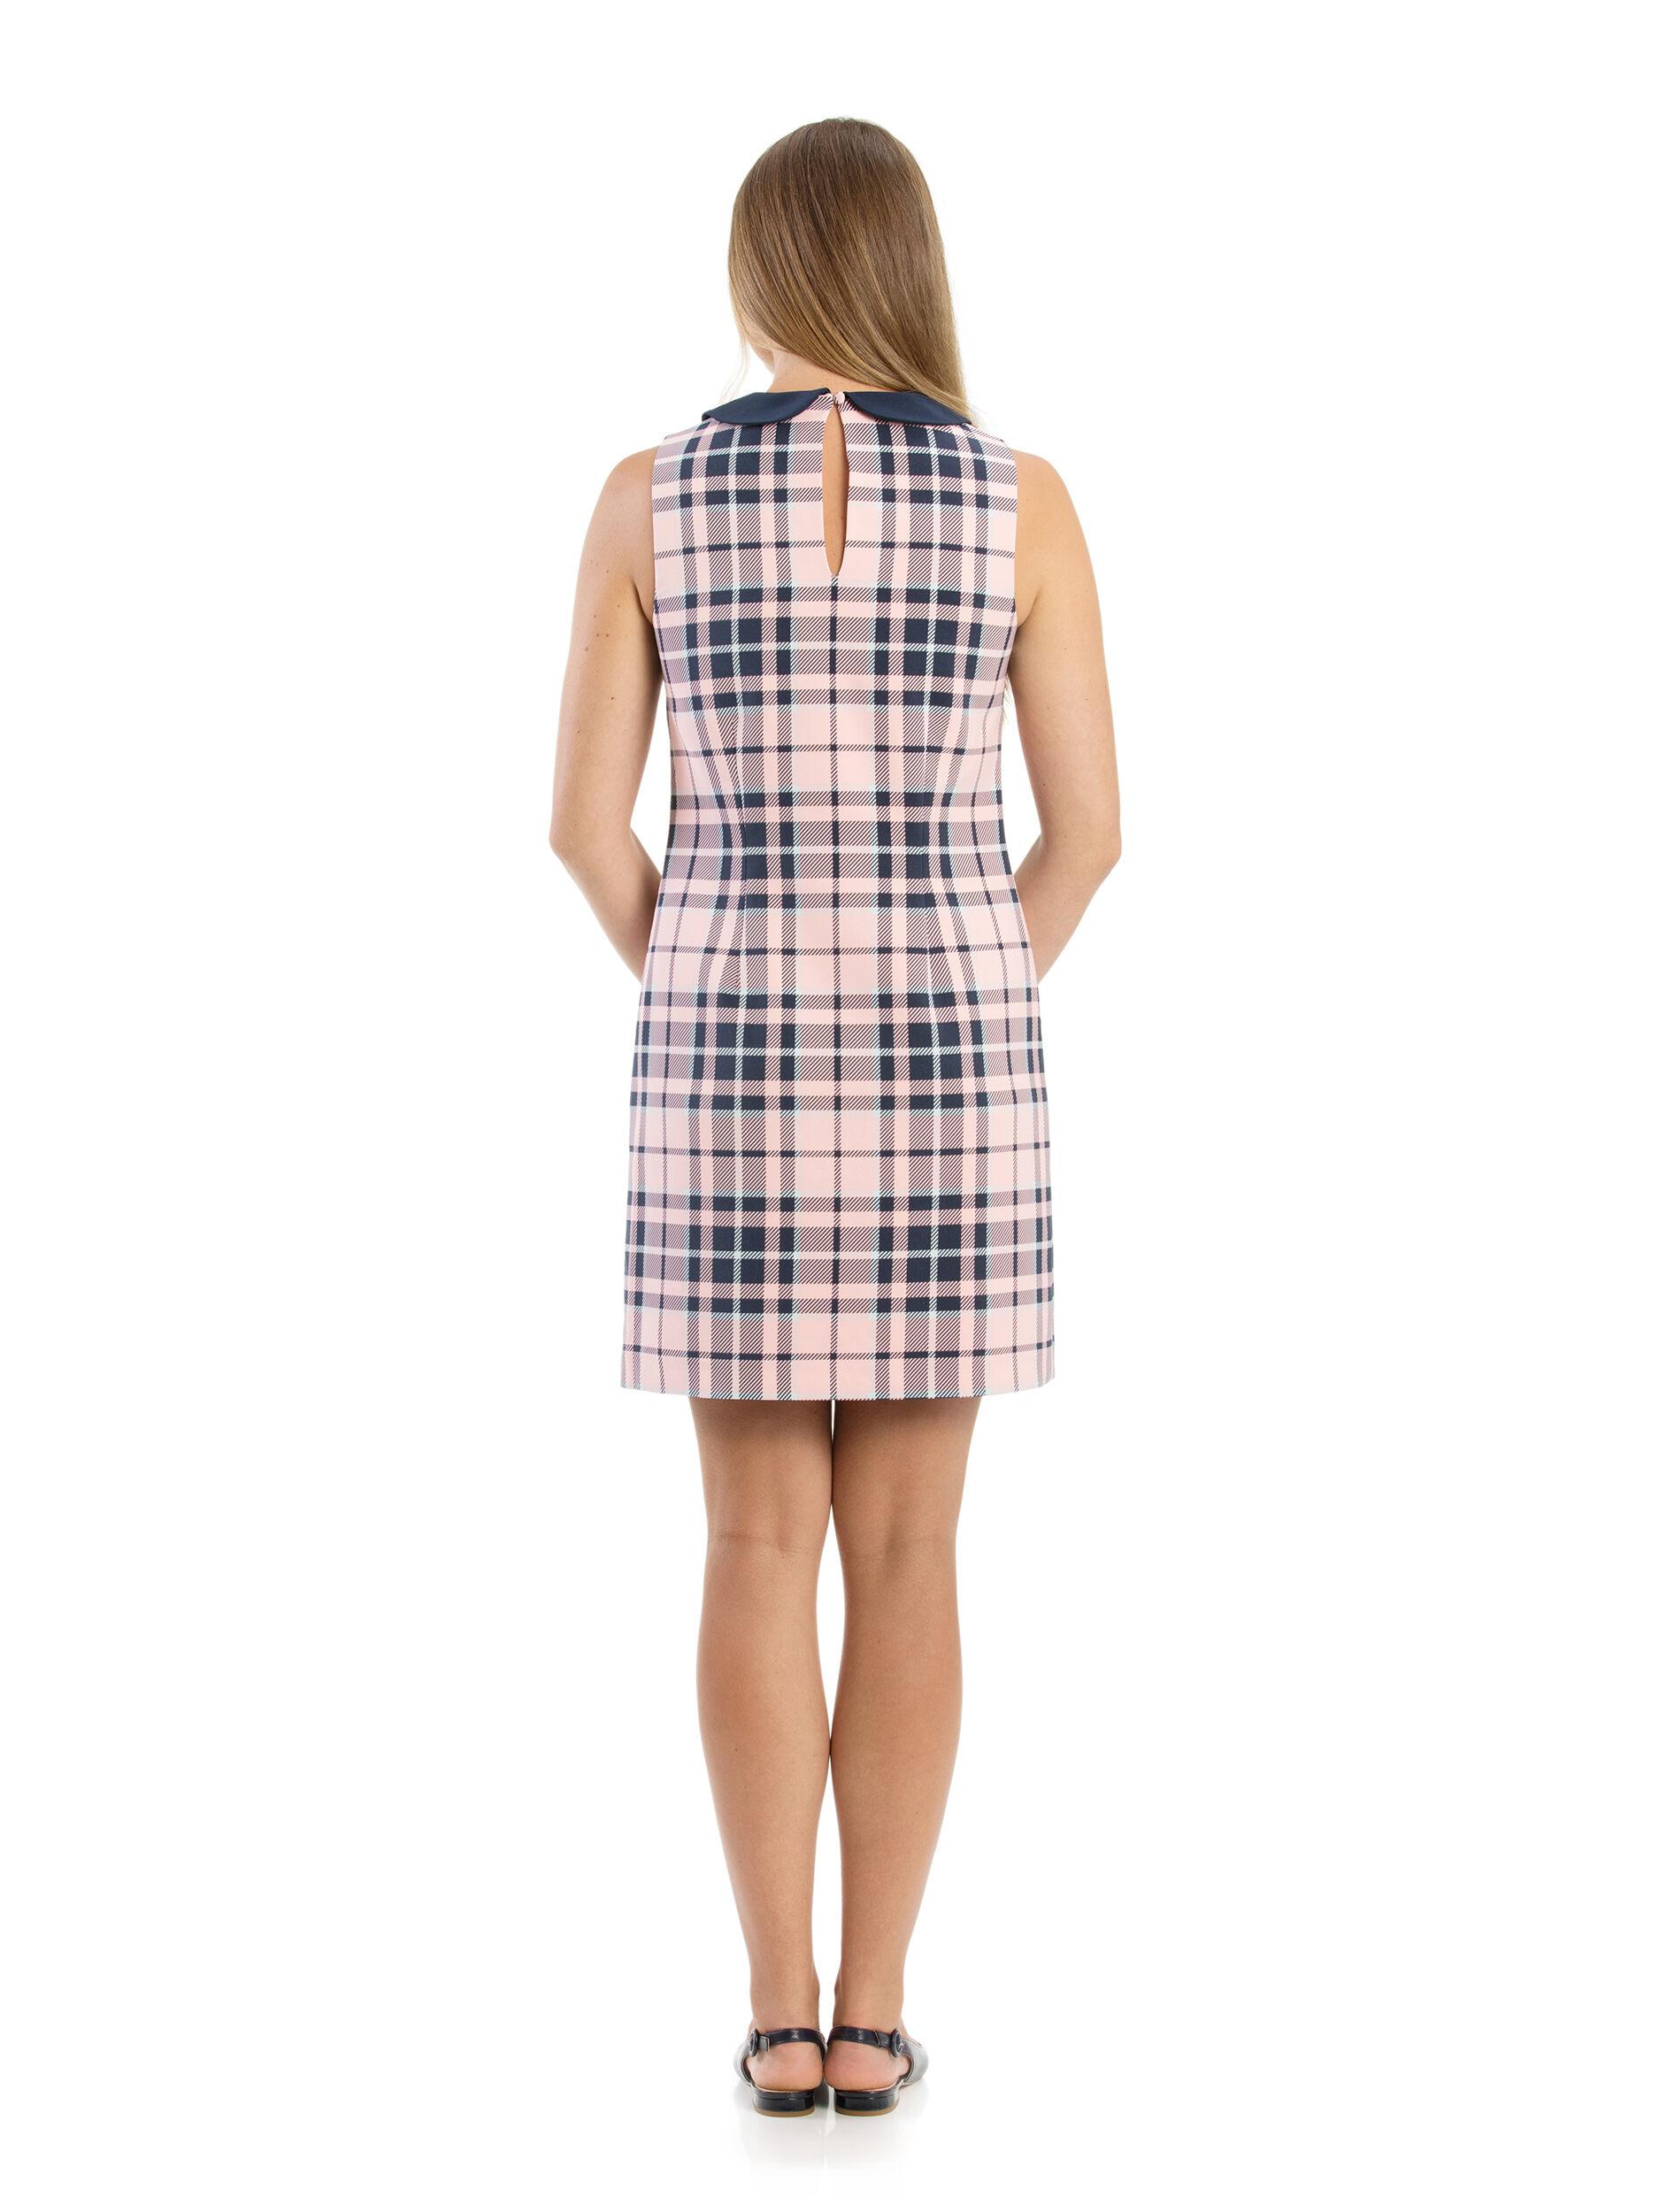 Tai Check Dress